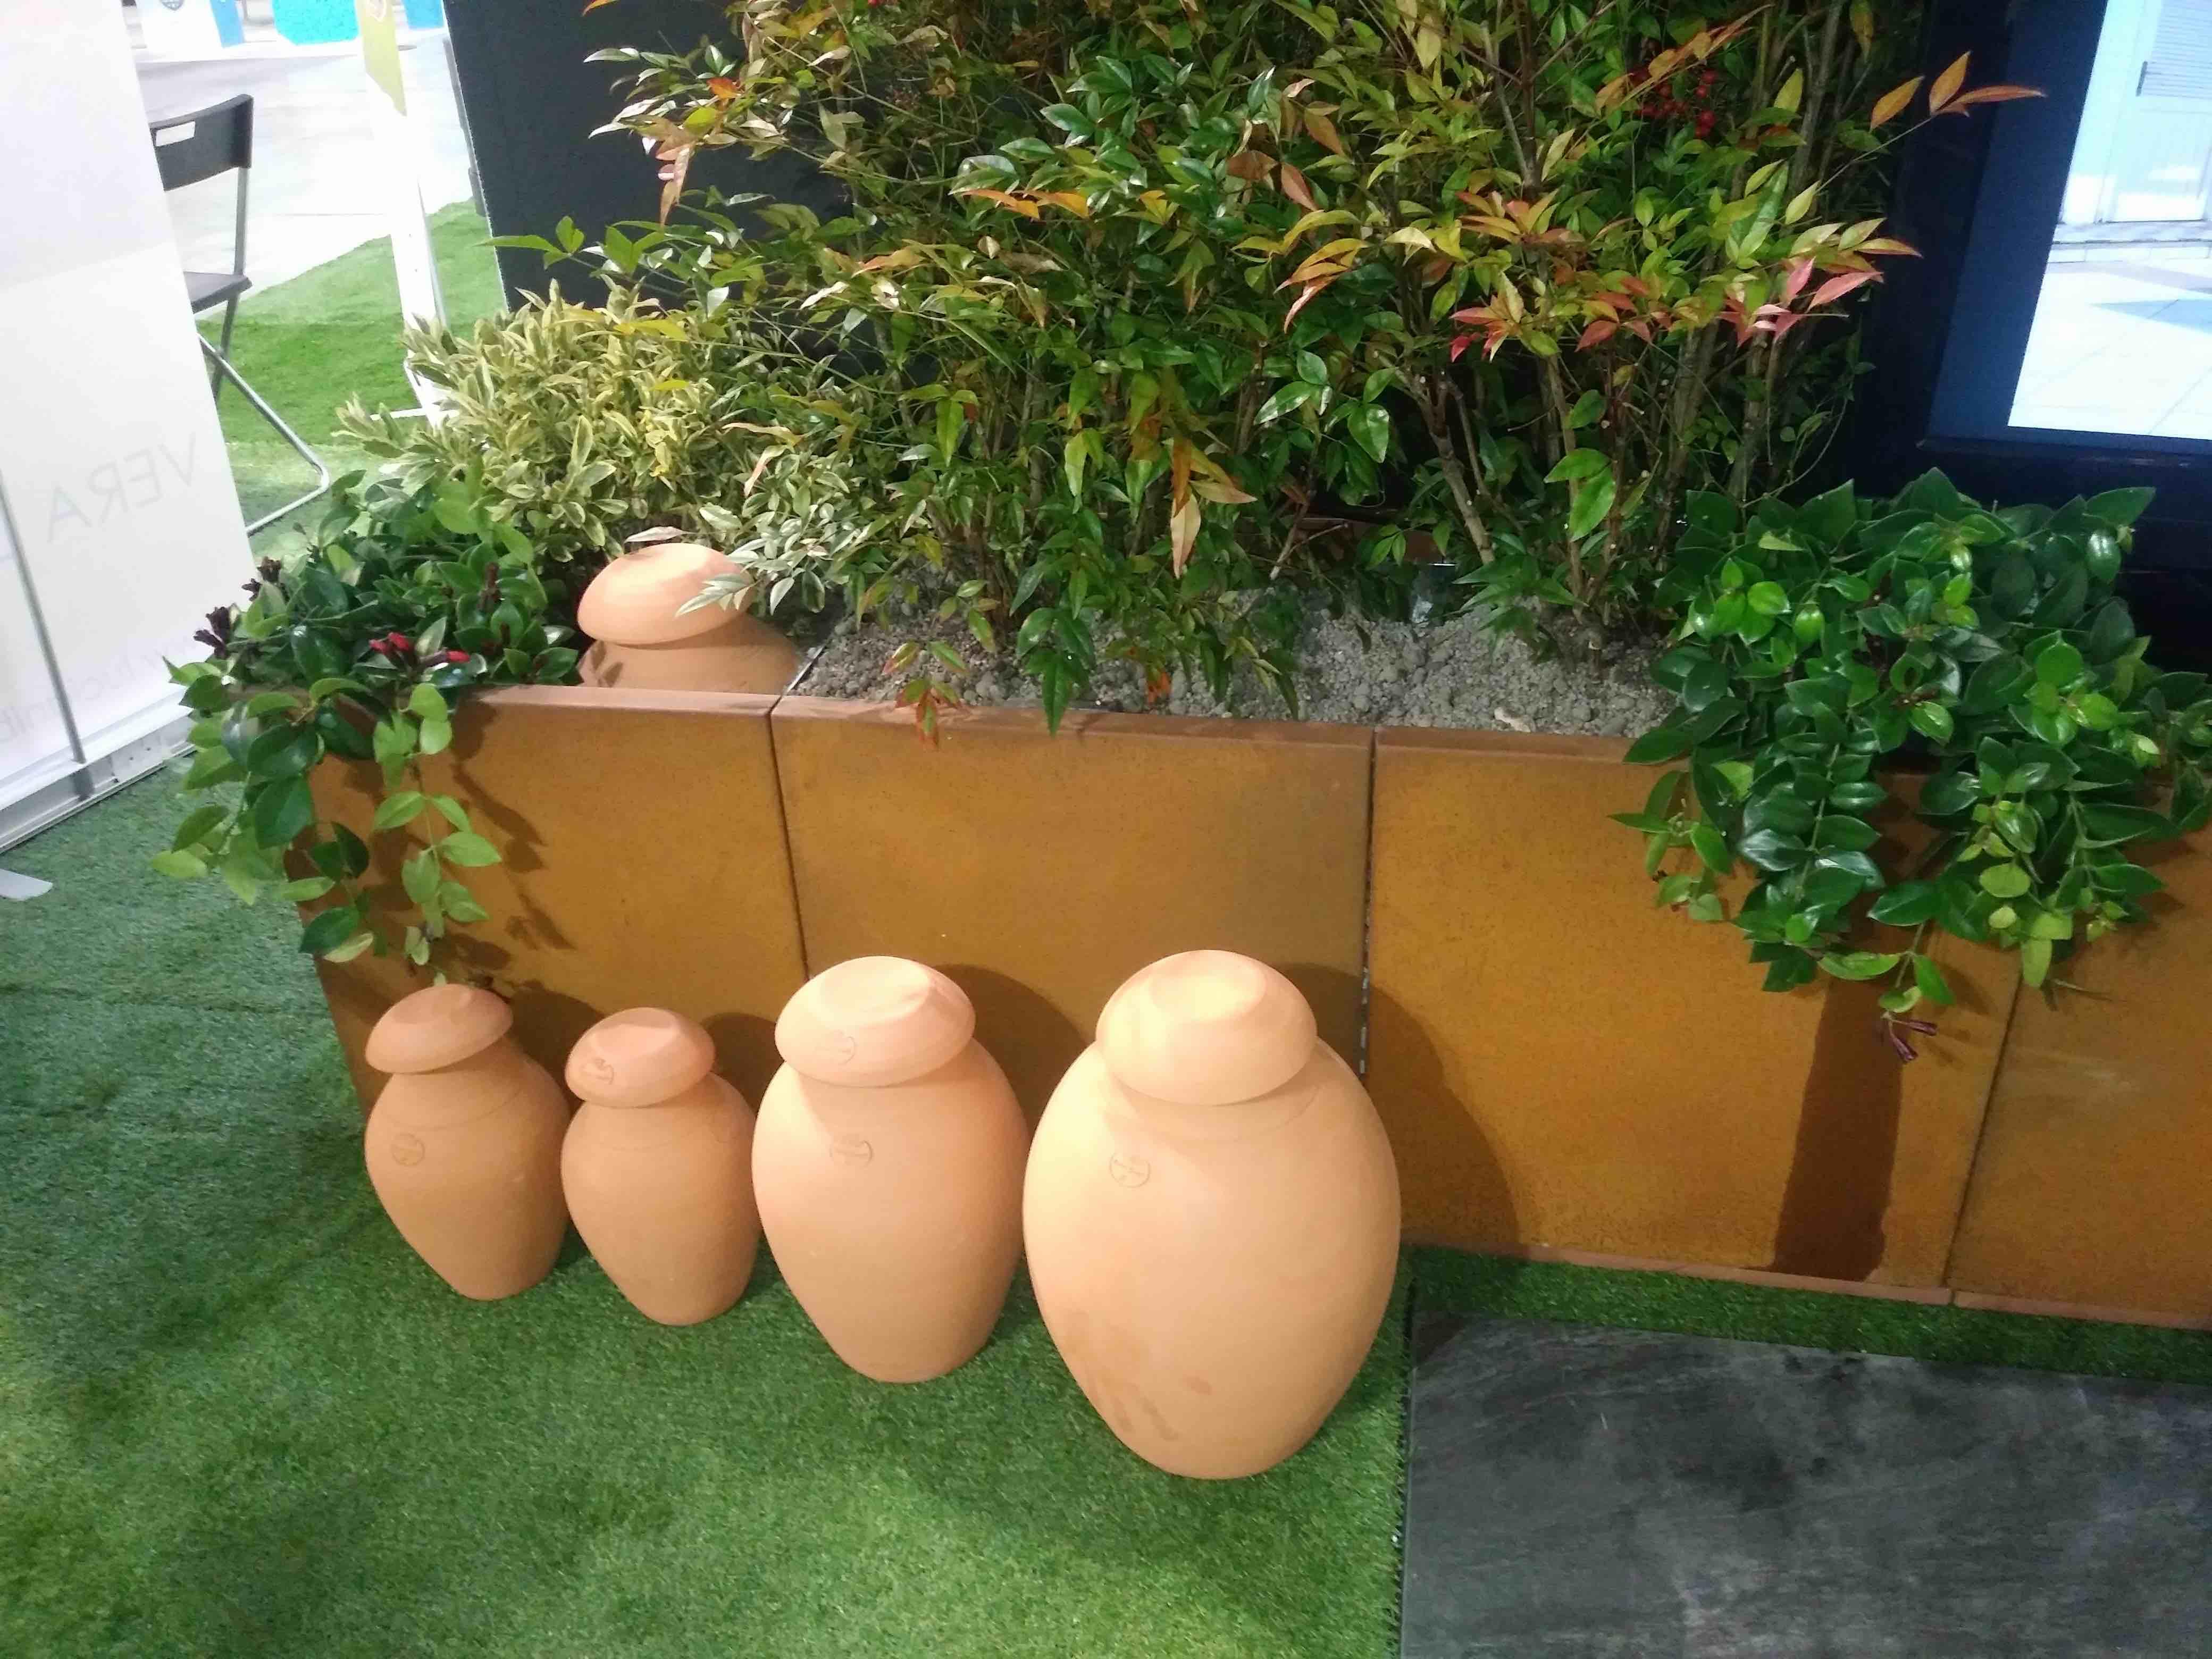 Veilige afboording en afbakening terras of dakterras met bloembakken in cortenstaal